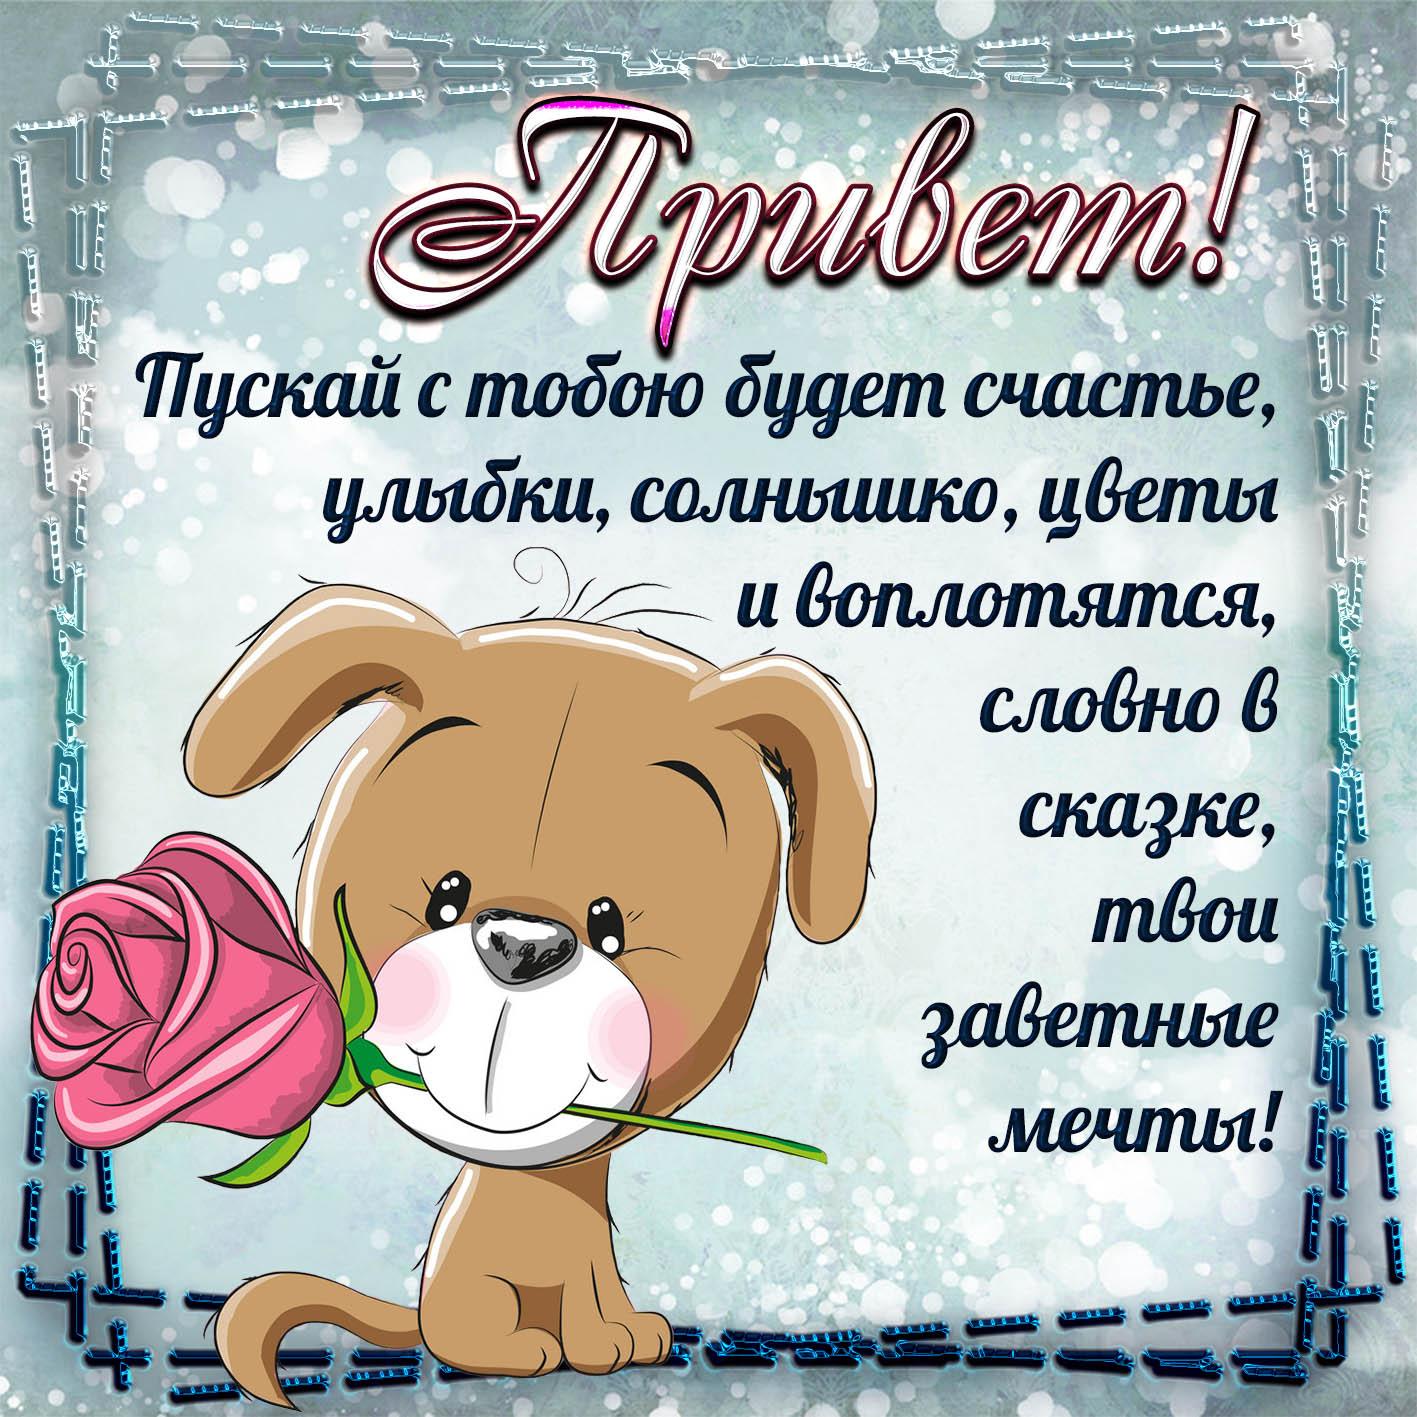 Открытка - прикольная собачка с розой шлёт тебе привет